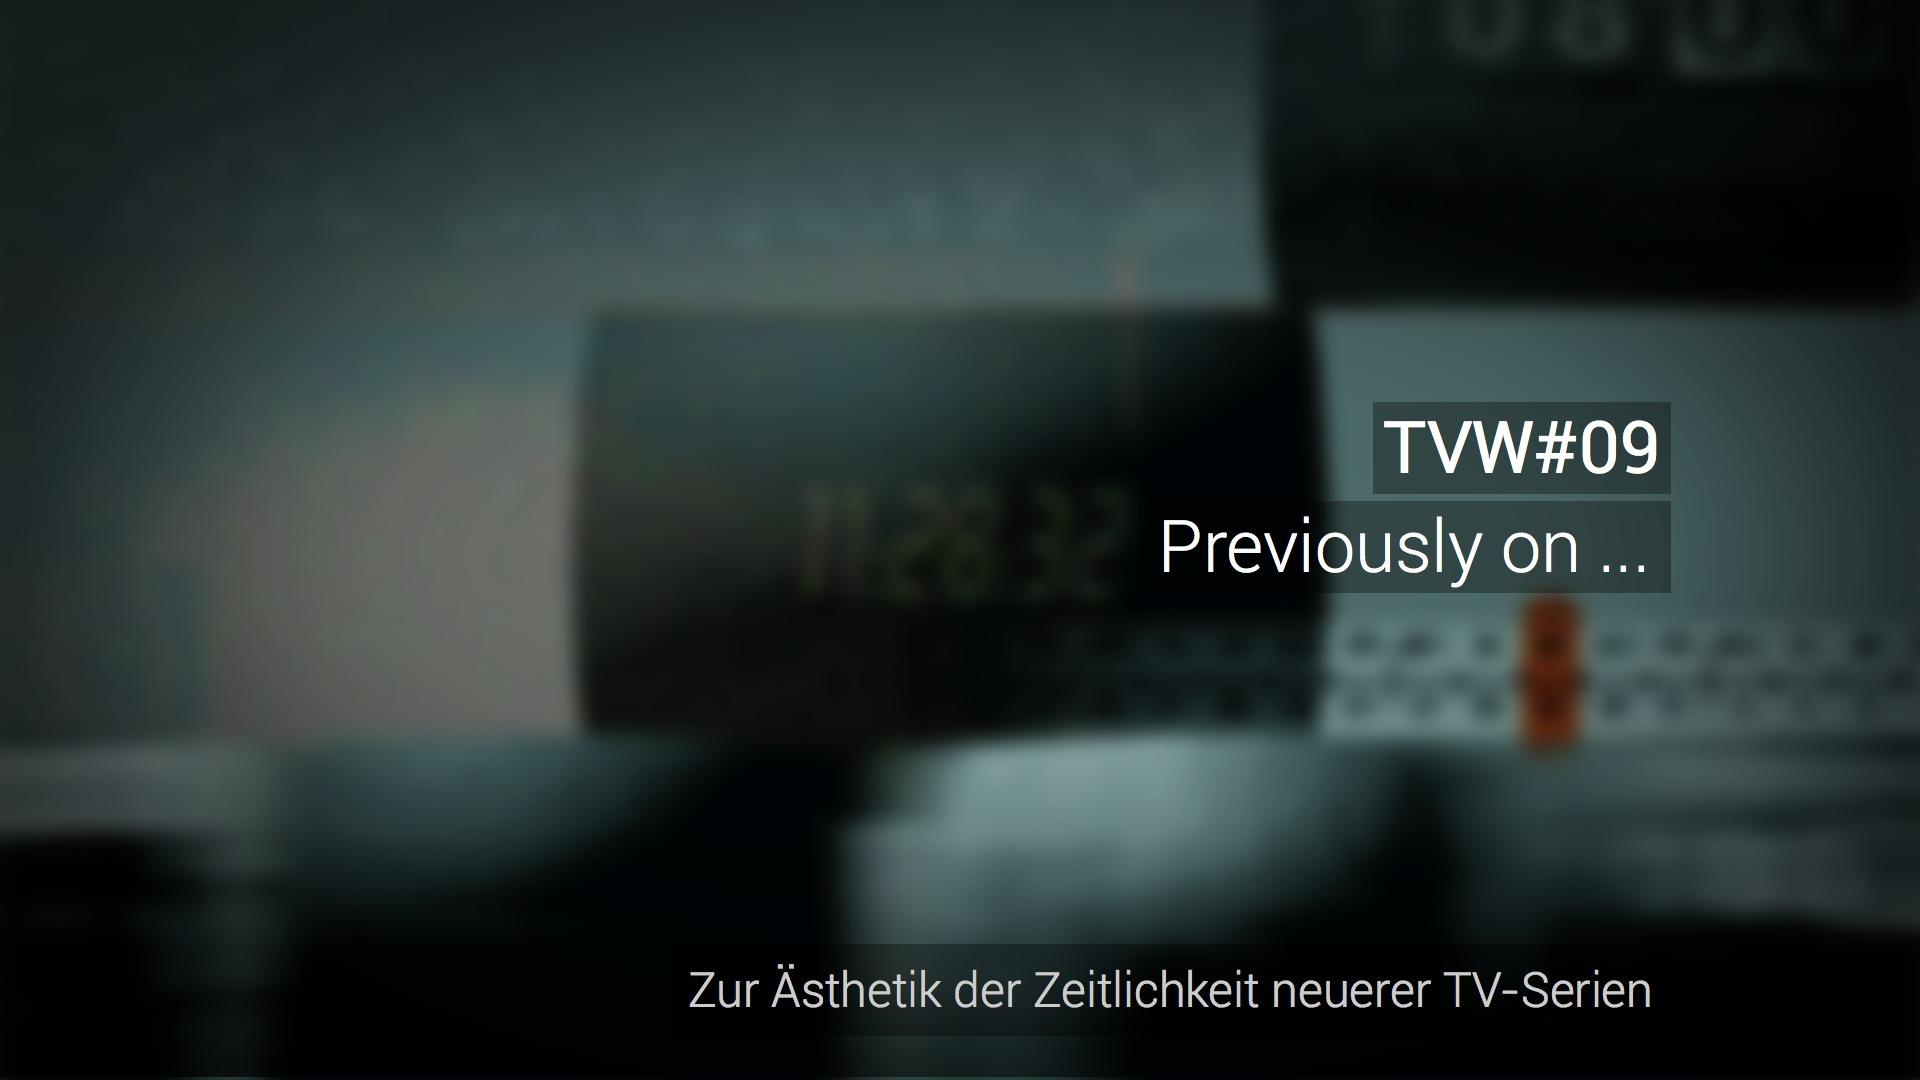 FB-TVW#09.jpg